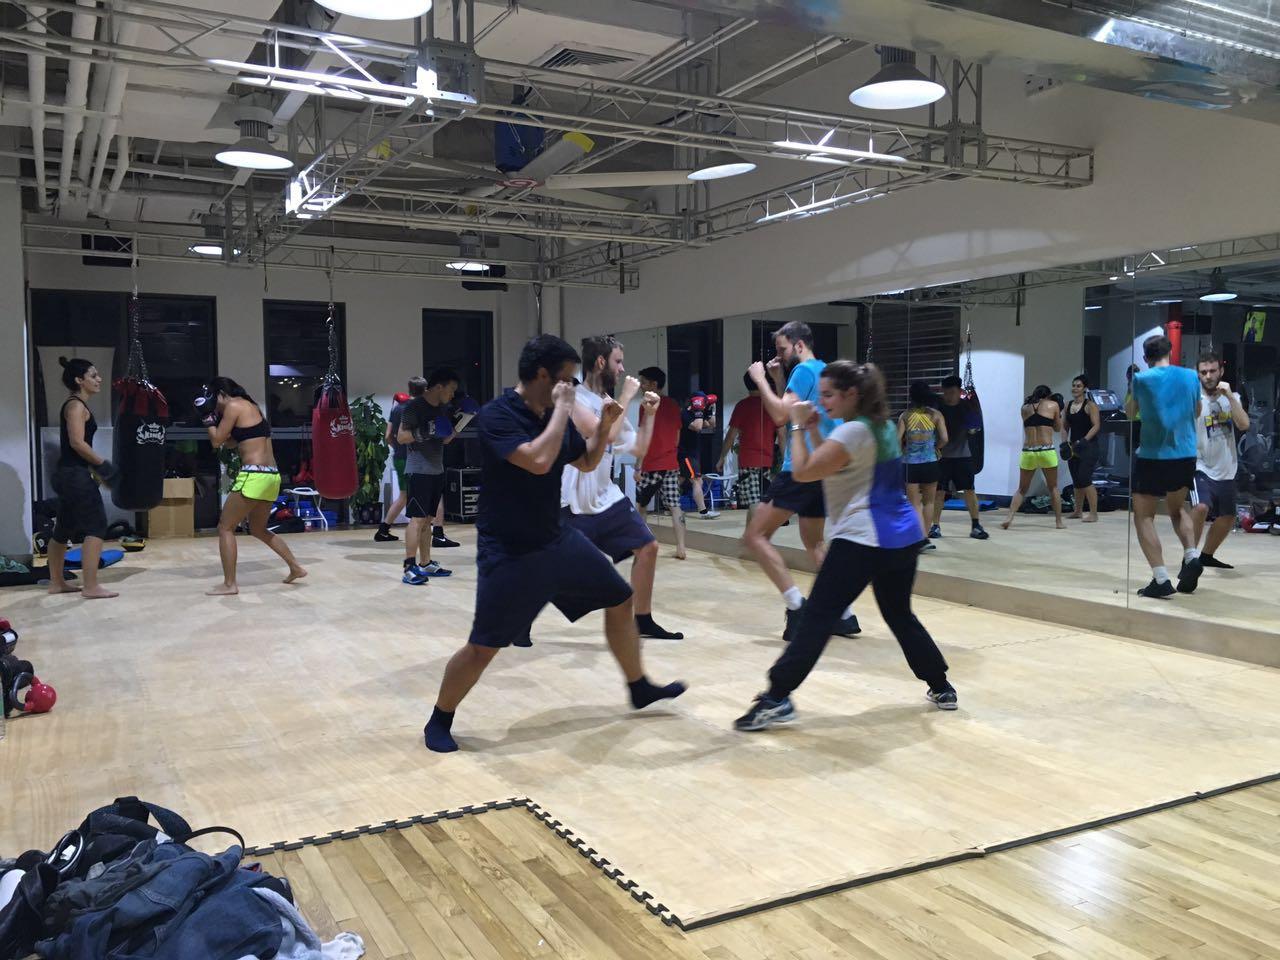 Gyms — Shuangjing Showdown